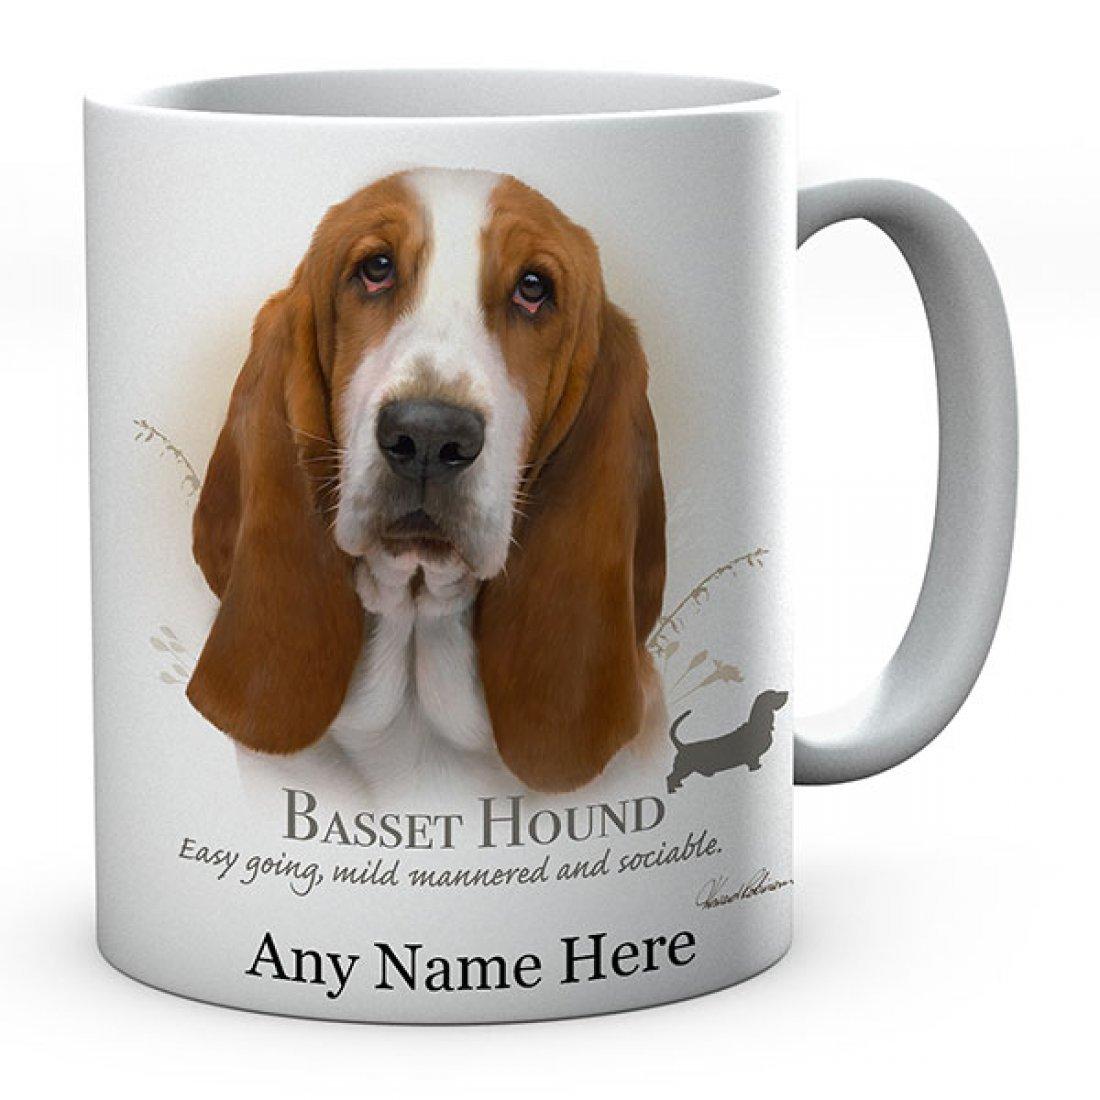 Personalised Basset Hound Dog Mug